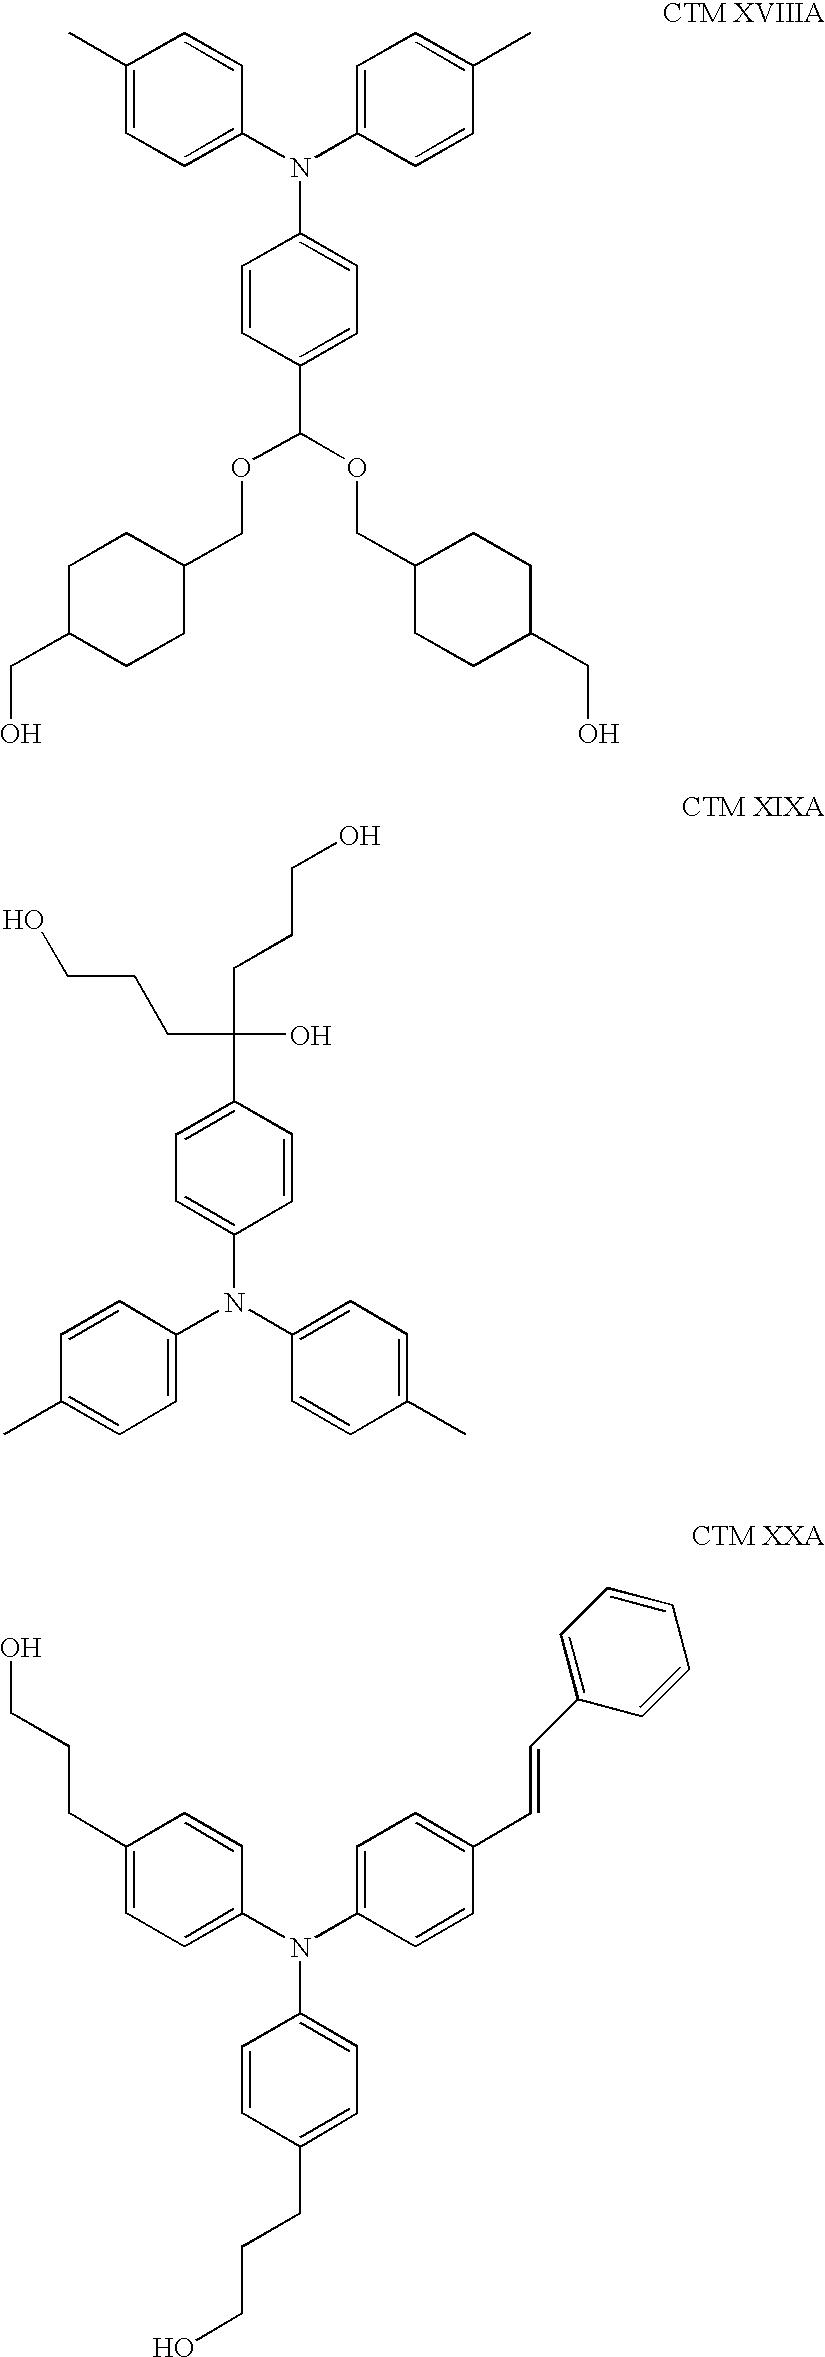 Figure US06517984-20030211-C00018